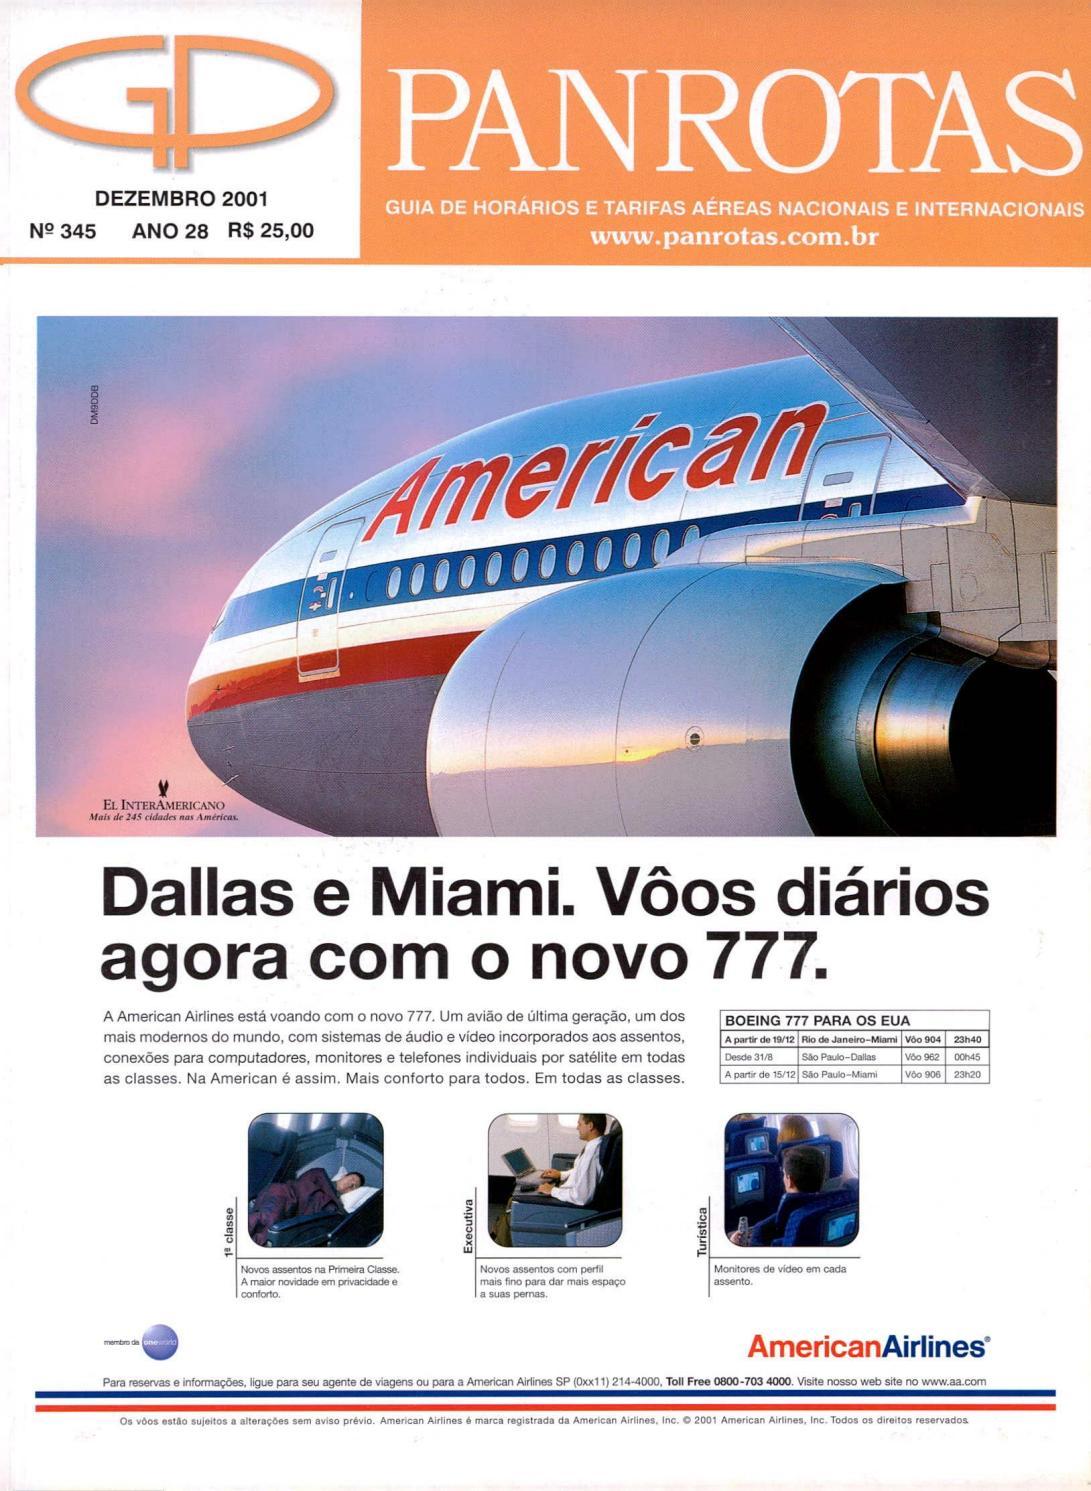 e9175198c6 Guia Panrotas - Edição 345 - Dezembro 2001 by PANROTAS Editora - issuu